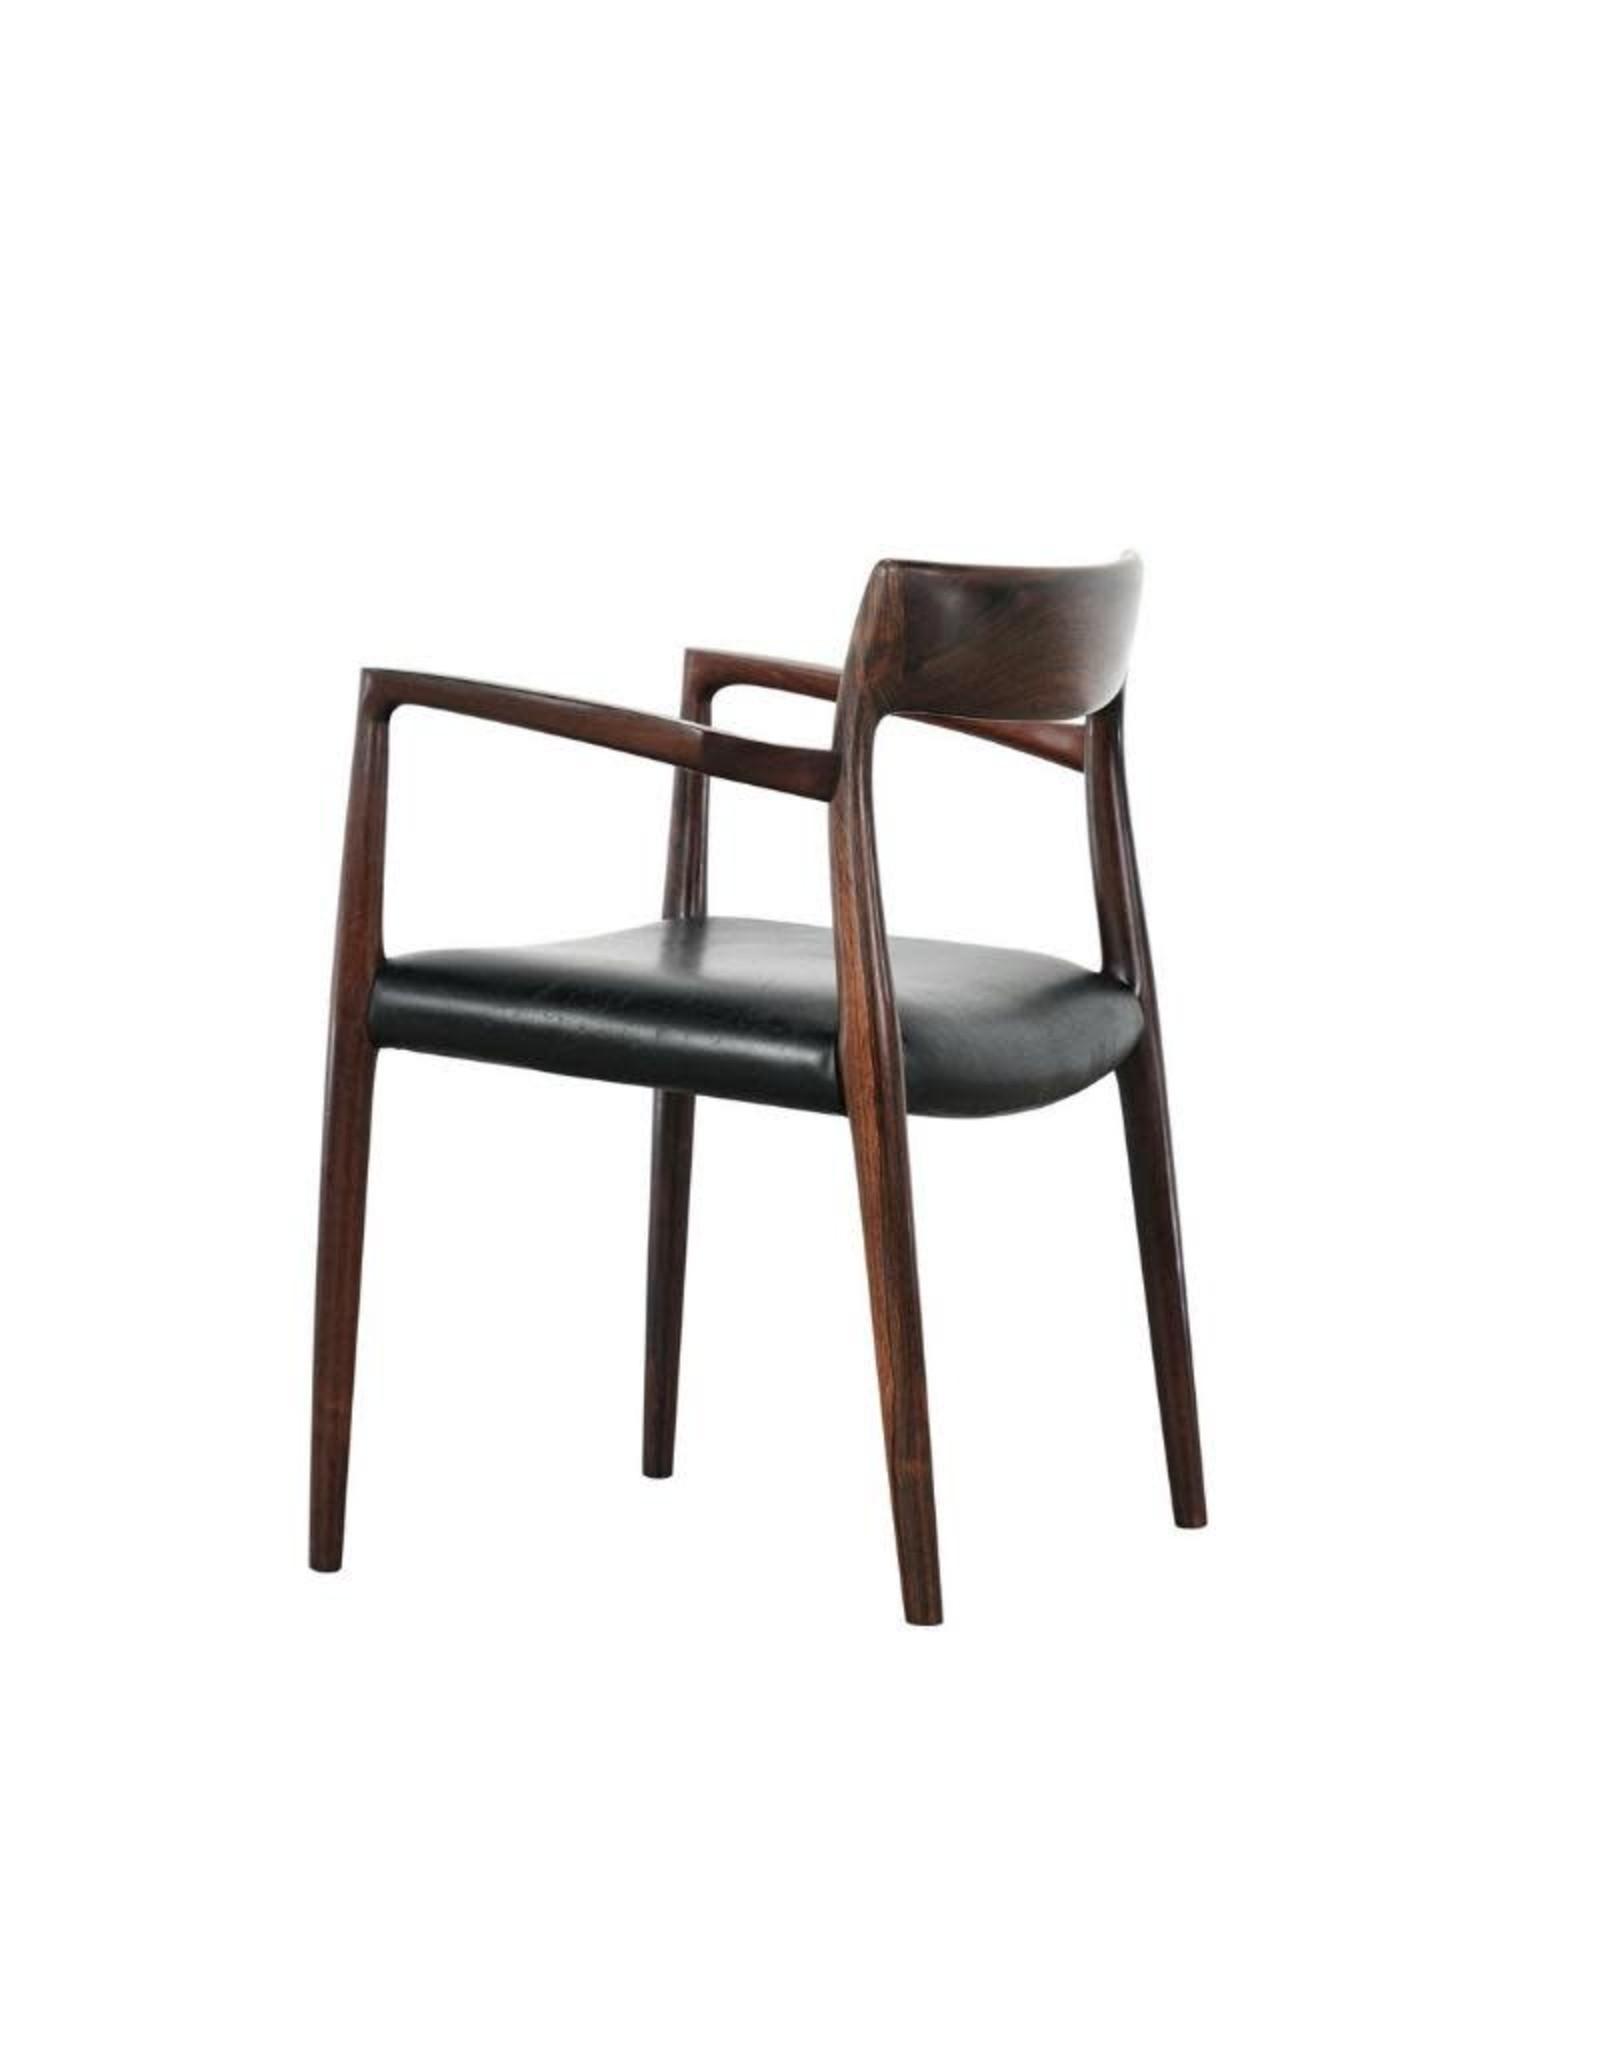 型號57 MØLLER 扶手椅